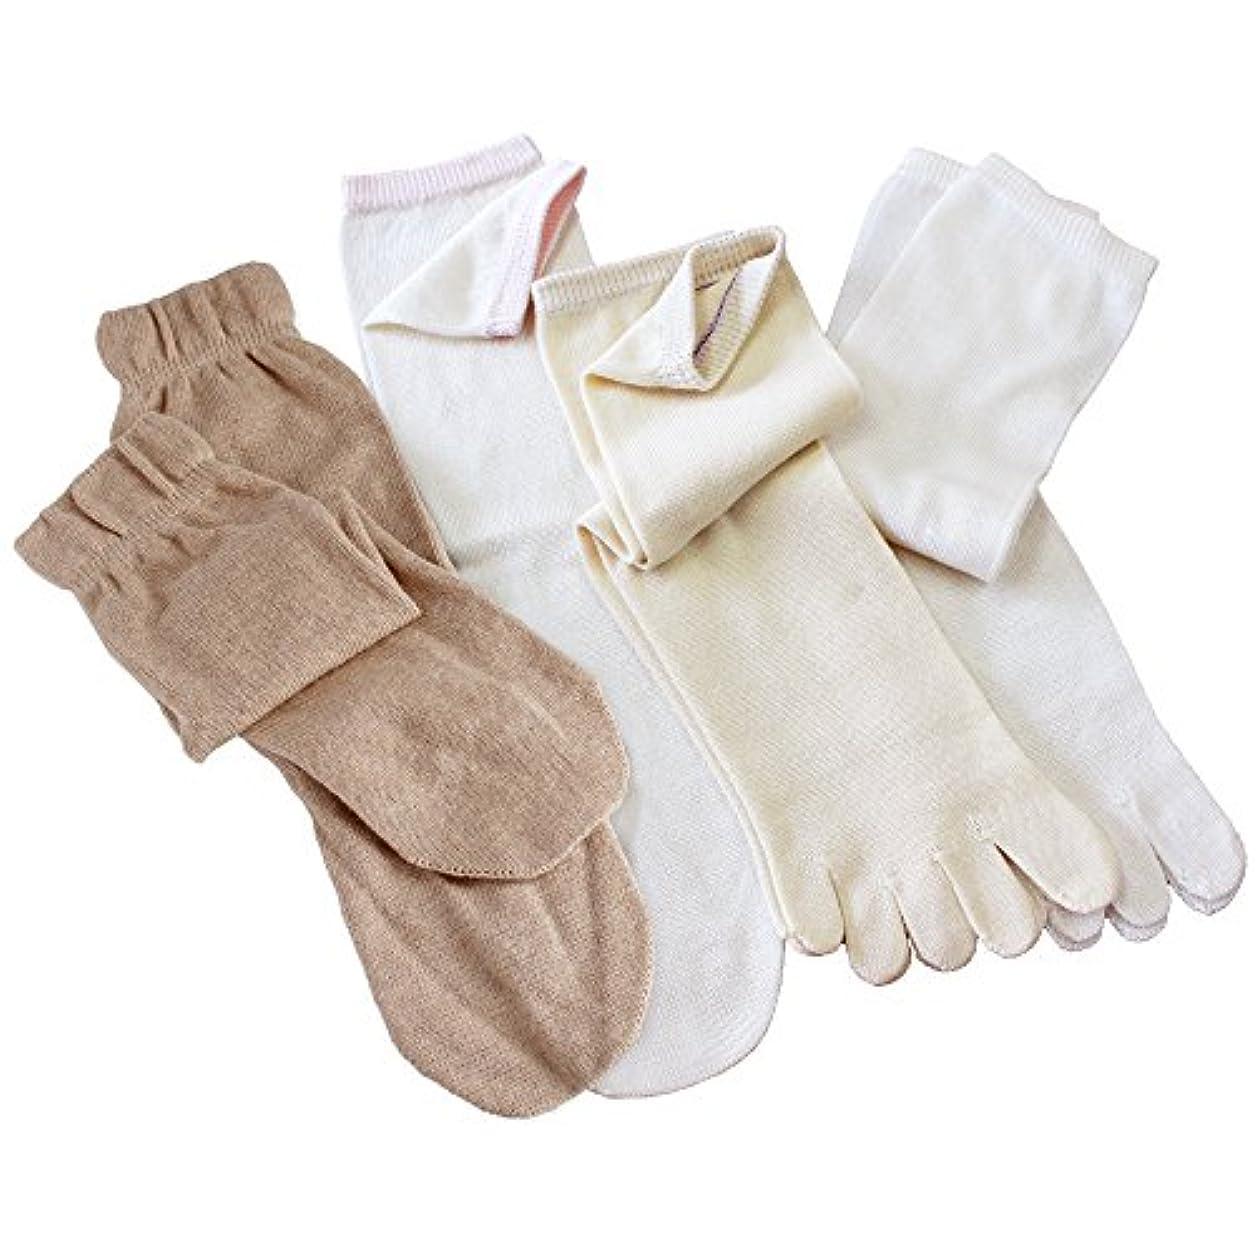 常習的ショート建築家hiorie(ヒオリエ) 日本製 冷えとり靴下 シルク&コットン 5本指ソックス(重ねばき専用 4足セット) 正絹 綿